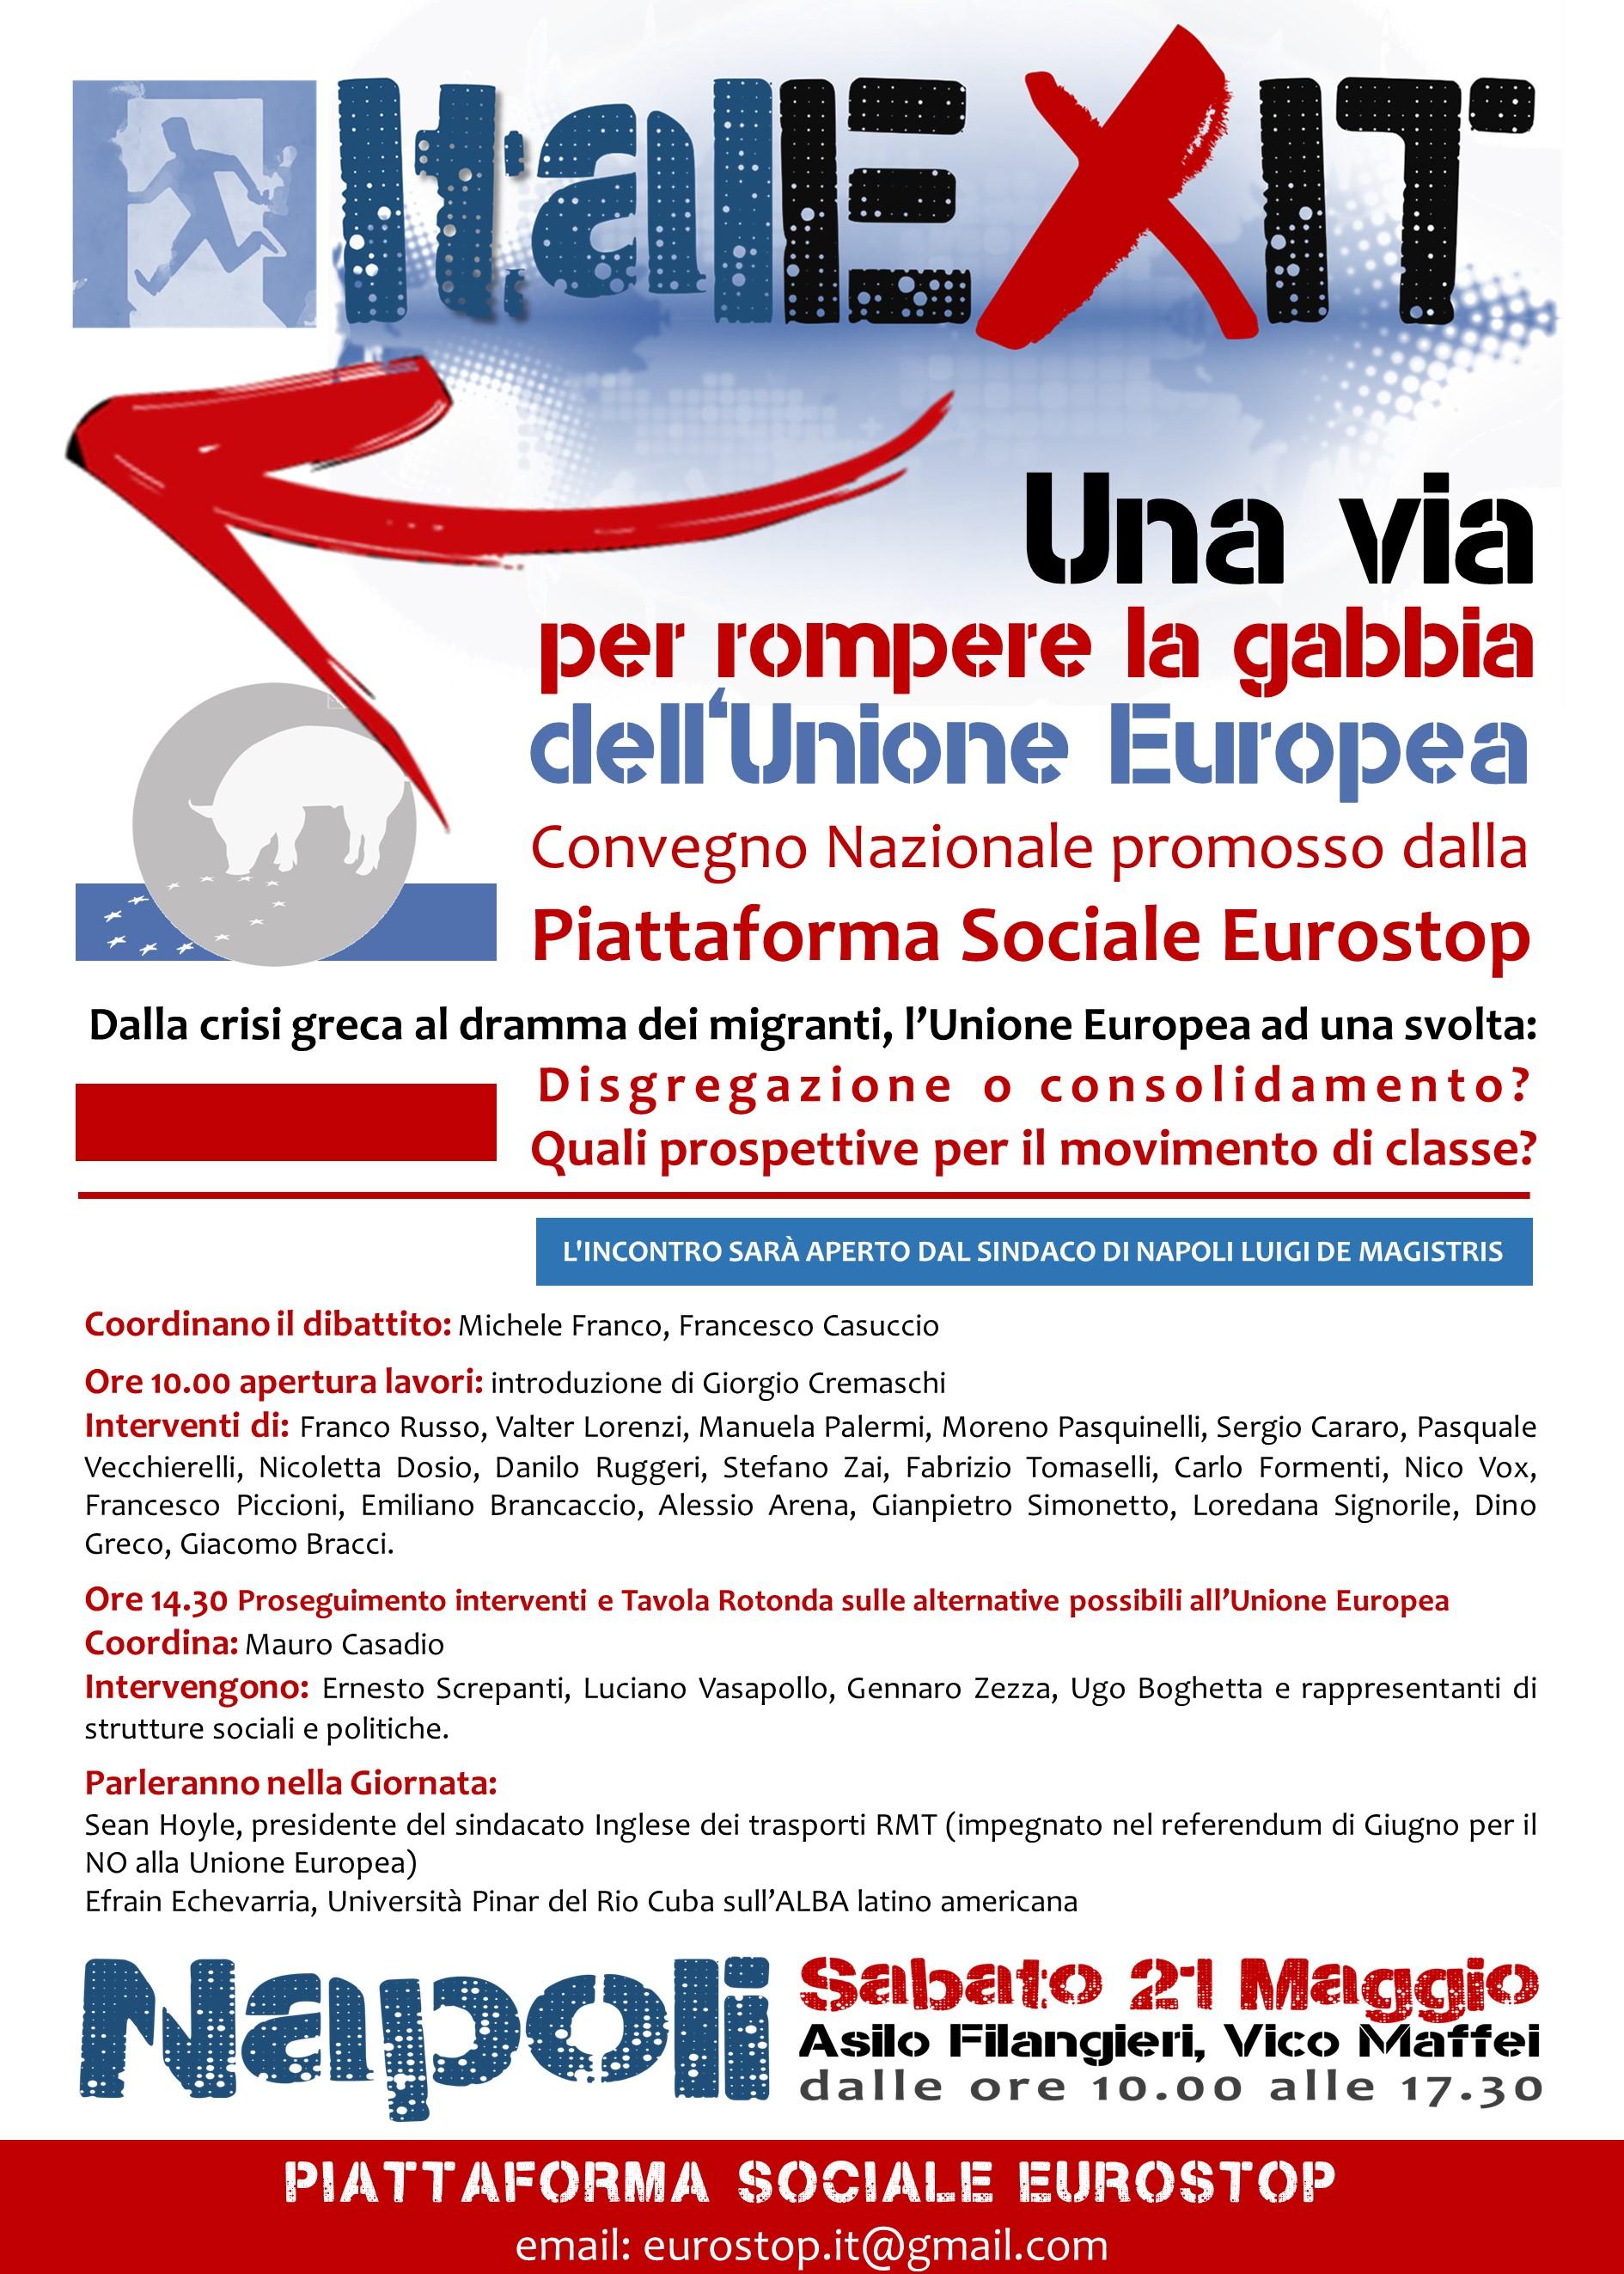 ITALEXIT: NAPOLI SABATO 21 MAGGIO 2016 ORE 10